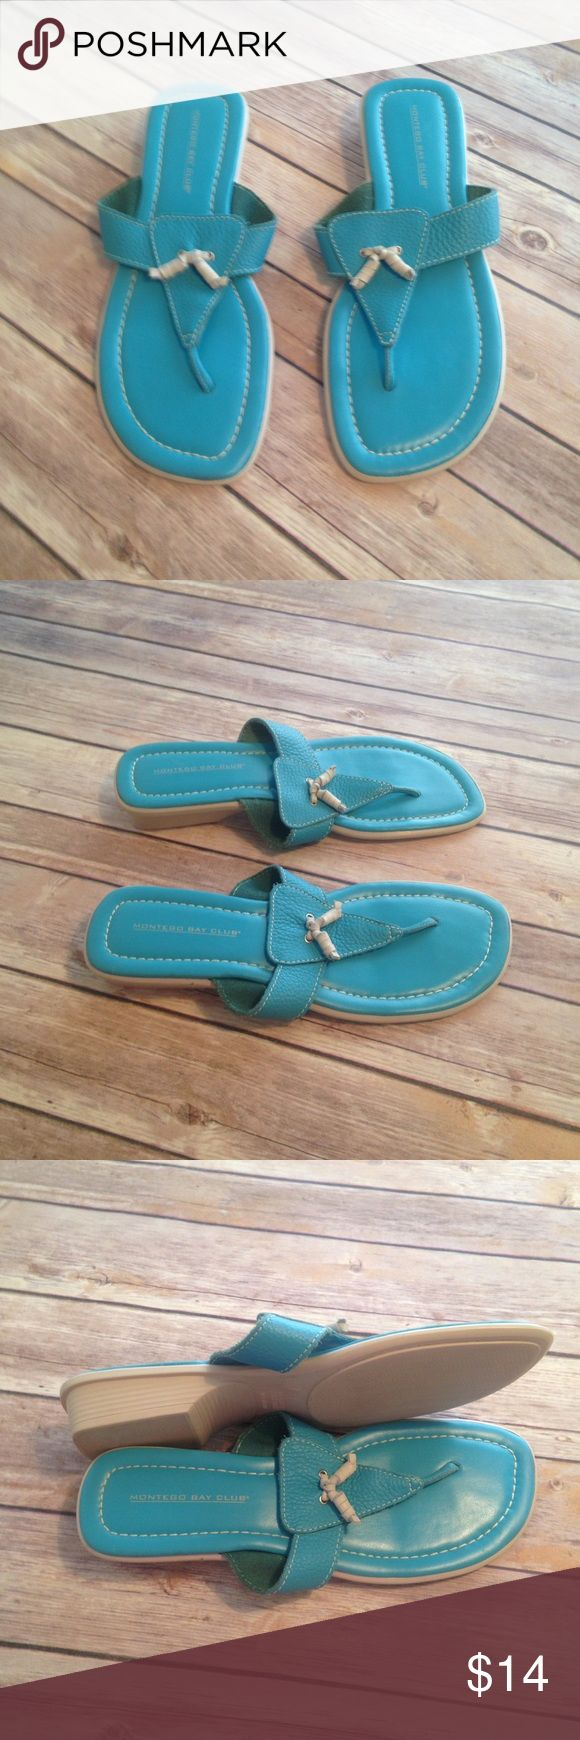 Montego Bay Club Teal Sandals Size 9.5 Montego Bay Club Size 9.5 Teal Sandals. Excellent Condition. Worn once. Montego Bay Club Shoes Sandals